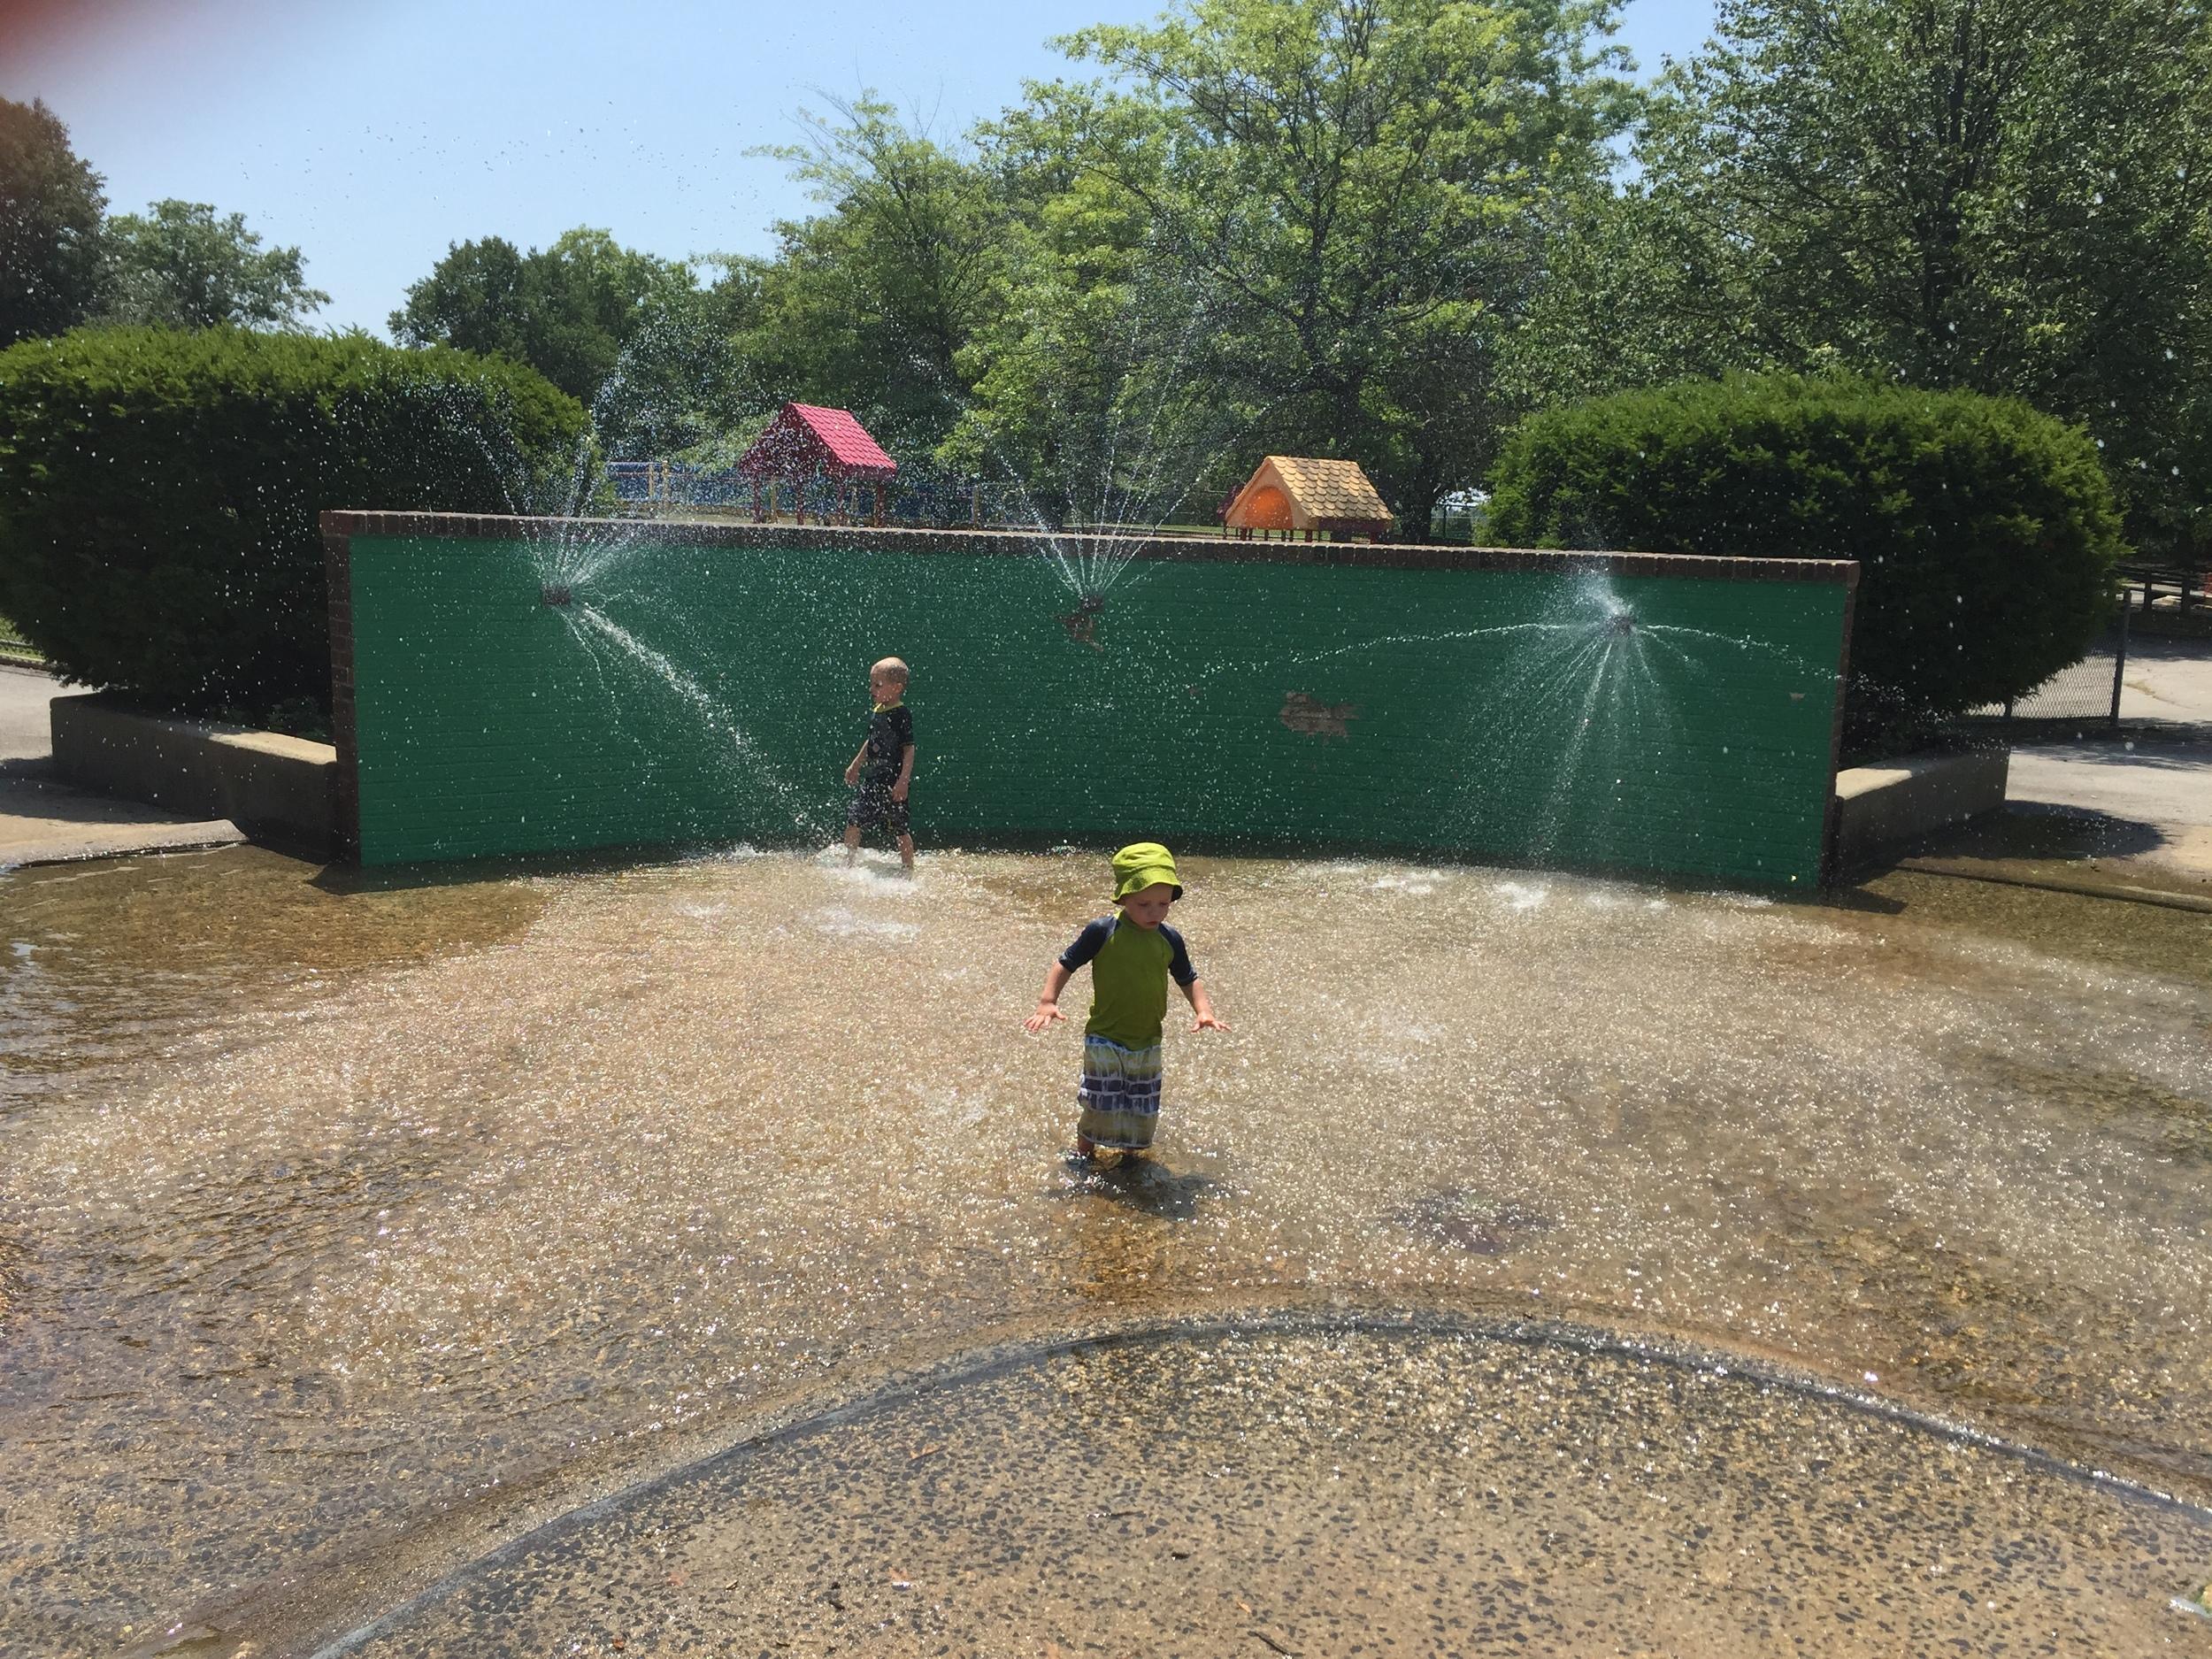 Sprayground at Seamans Neck Park